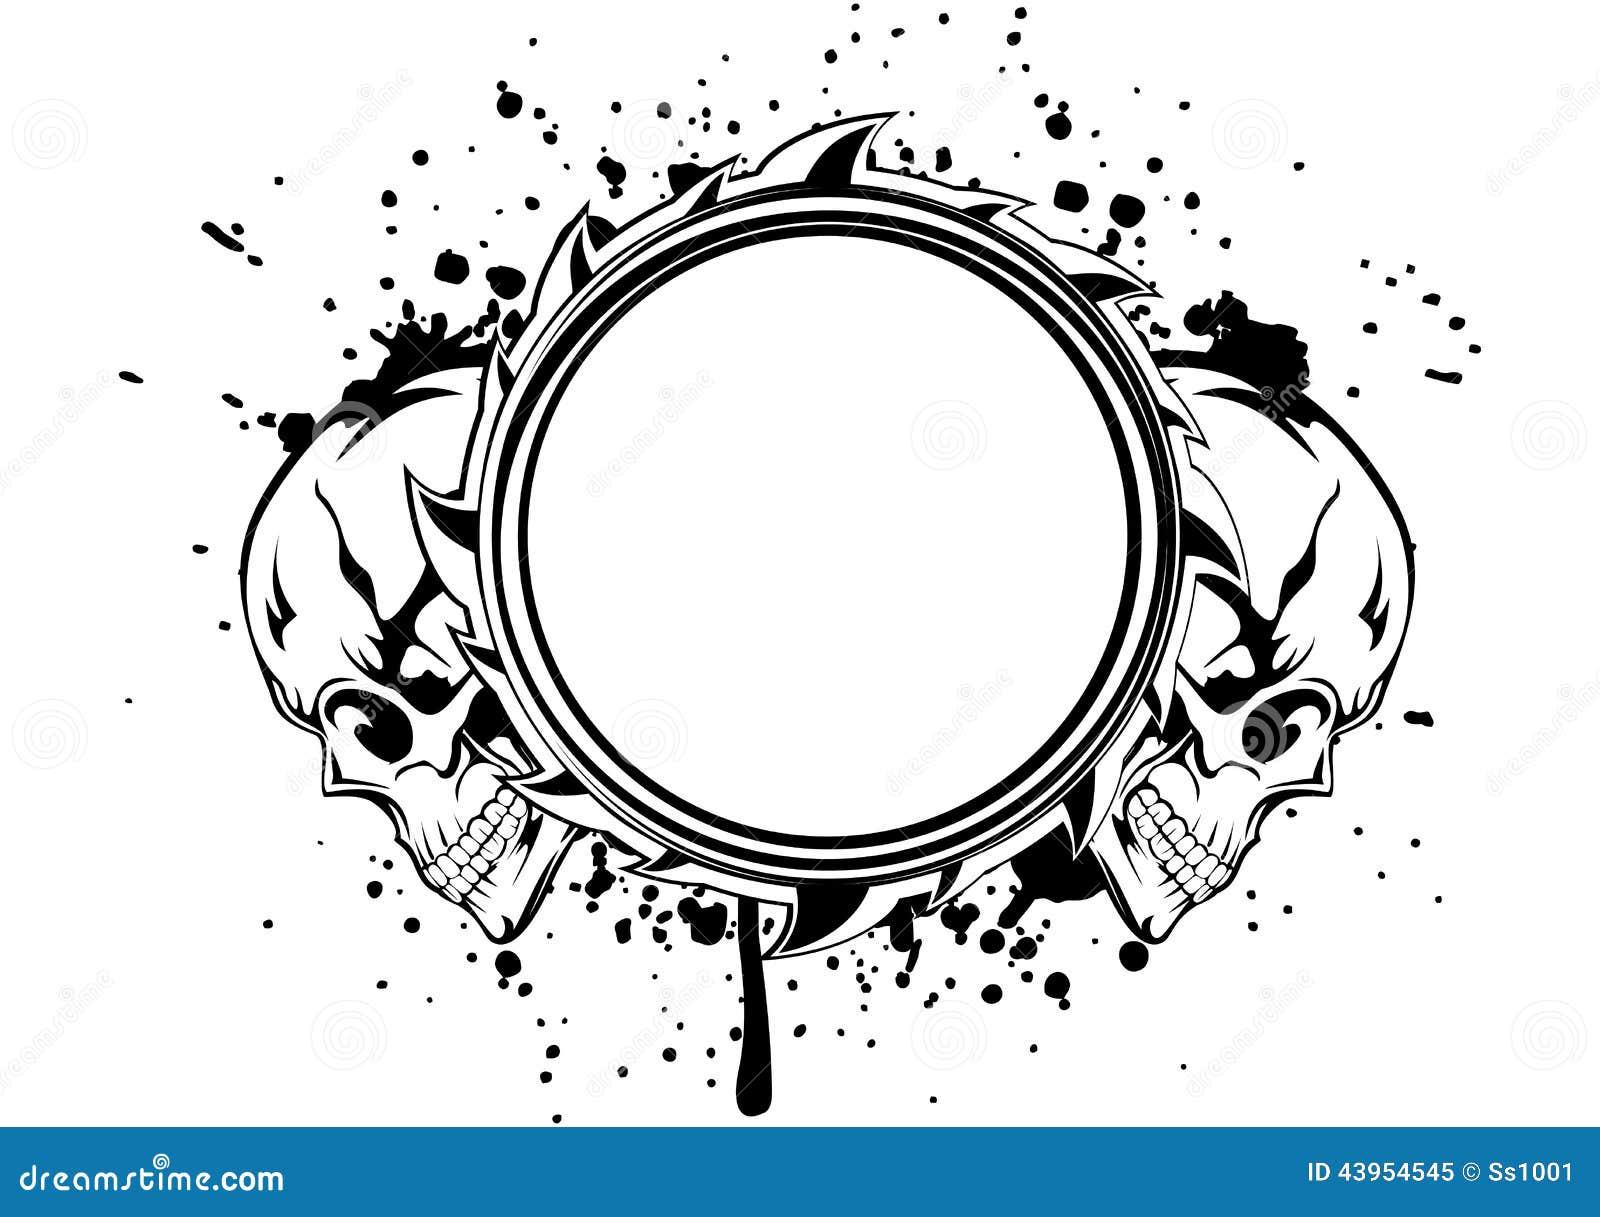 Skulls frame stock vector. Illustration of cranial, fear - 43954545